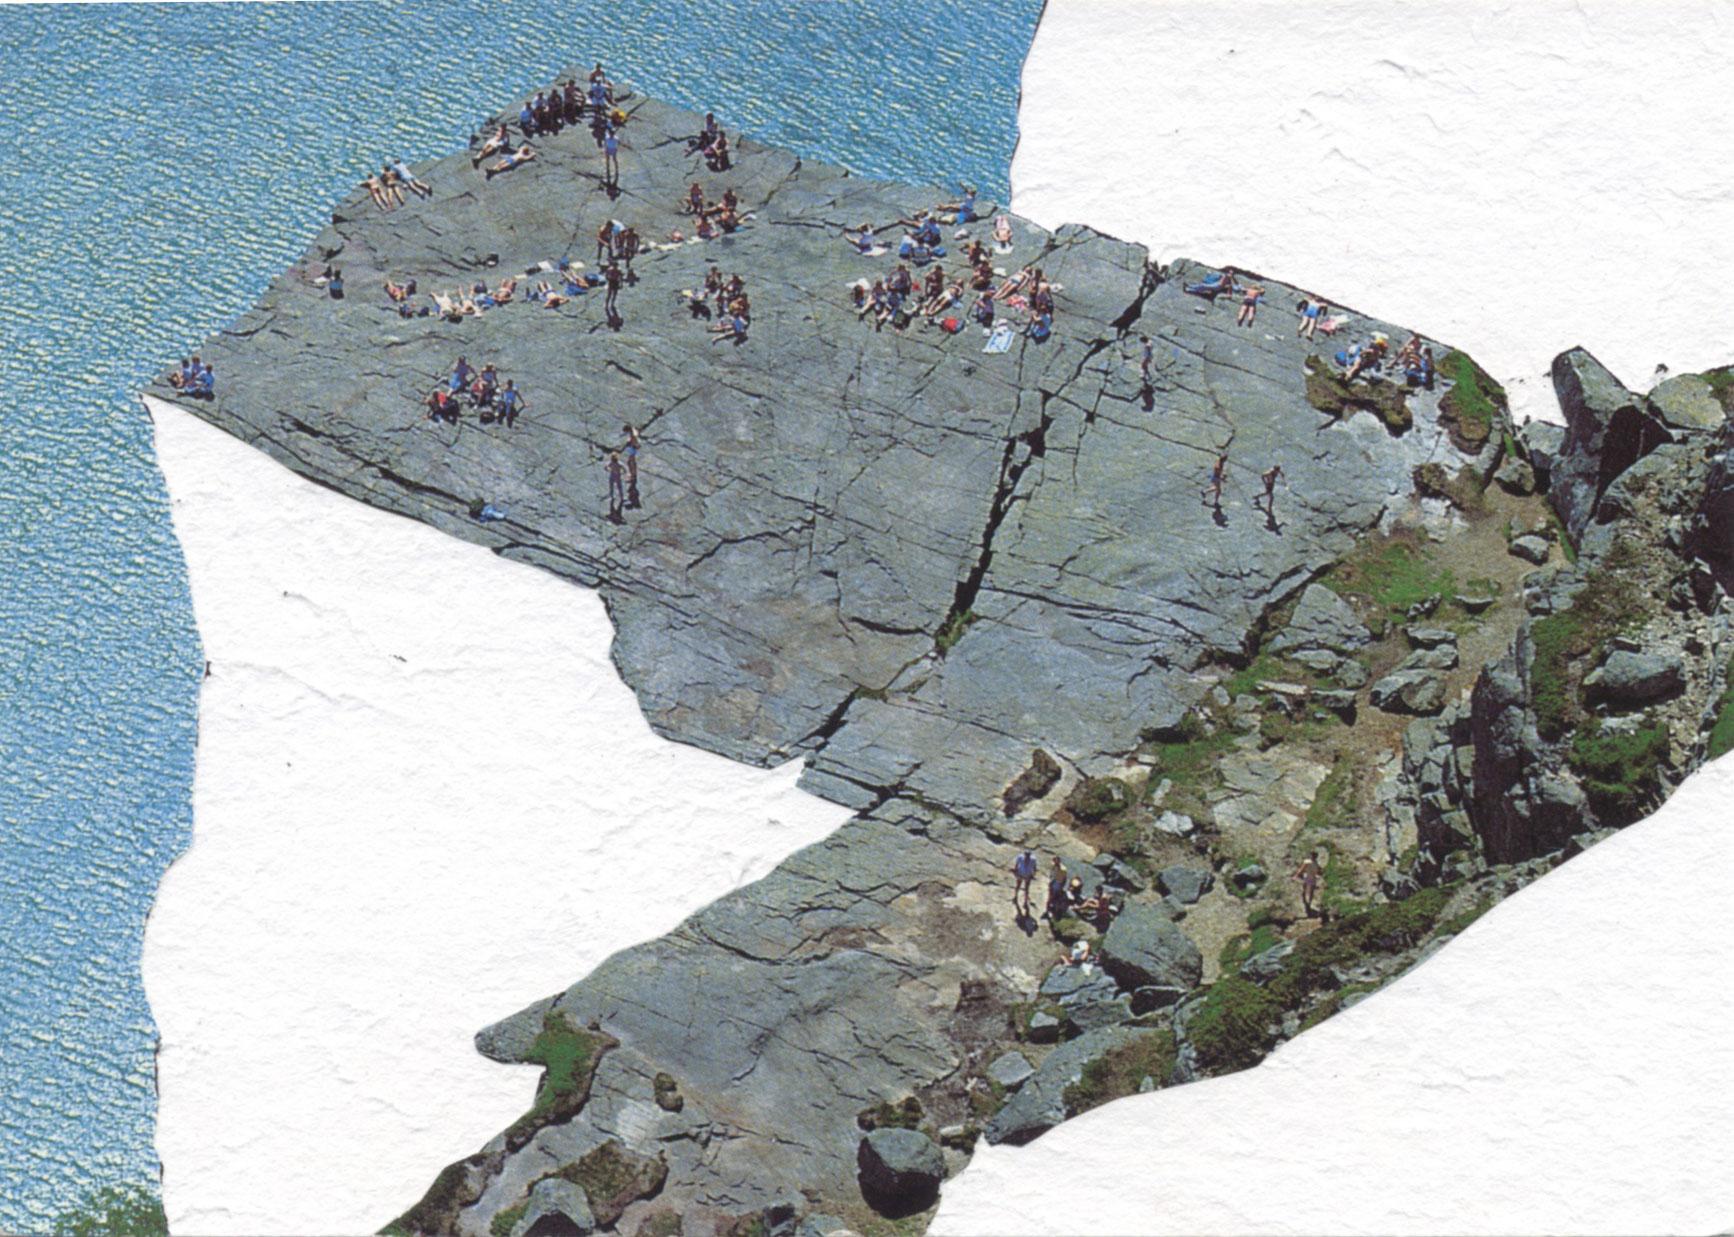 Mirages 08 - dessin sur carte postale (vagues) de Céline Dominiak